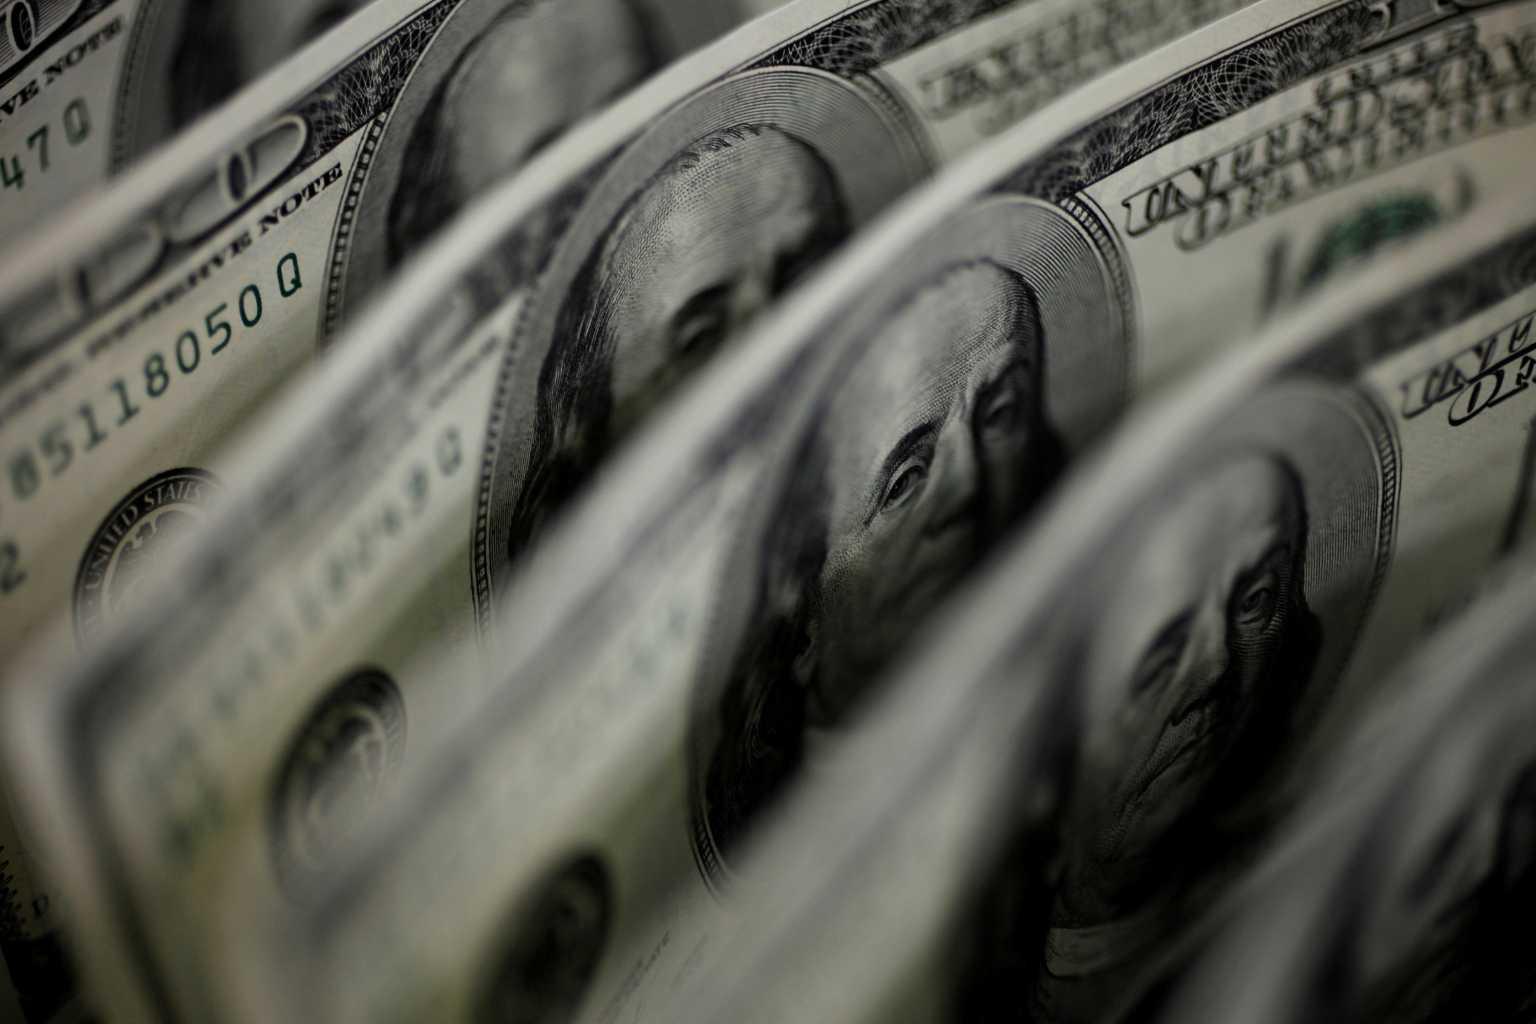 Ένα χρυσό νόμισμα 5 δολαρίων από το 1822 πωλήθηκε για 8,4 εκατ. δολάρια!